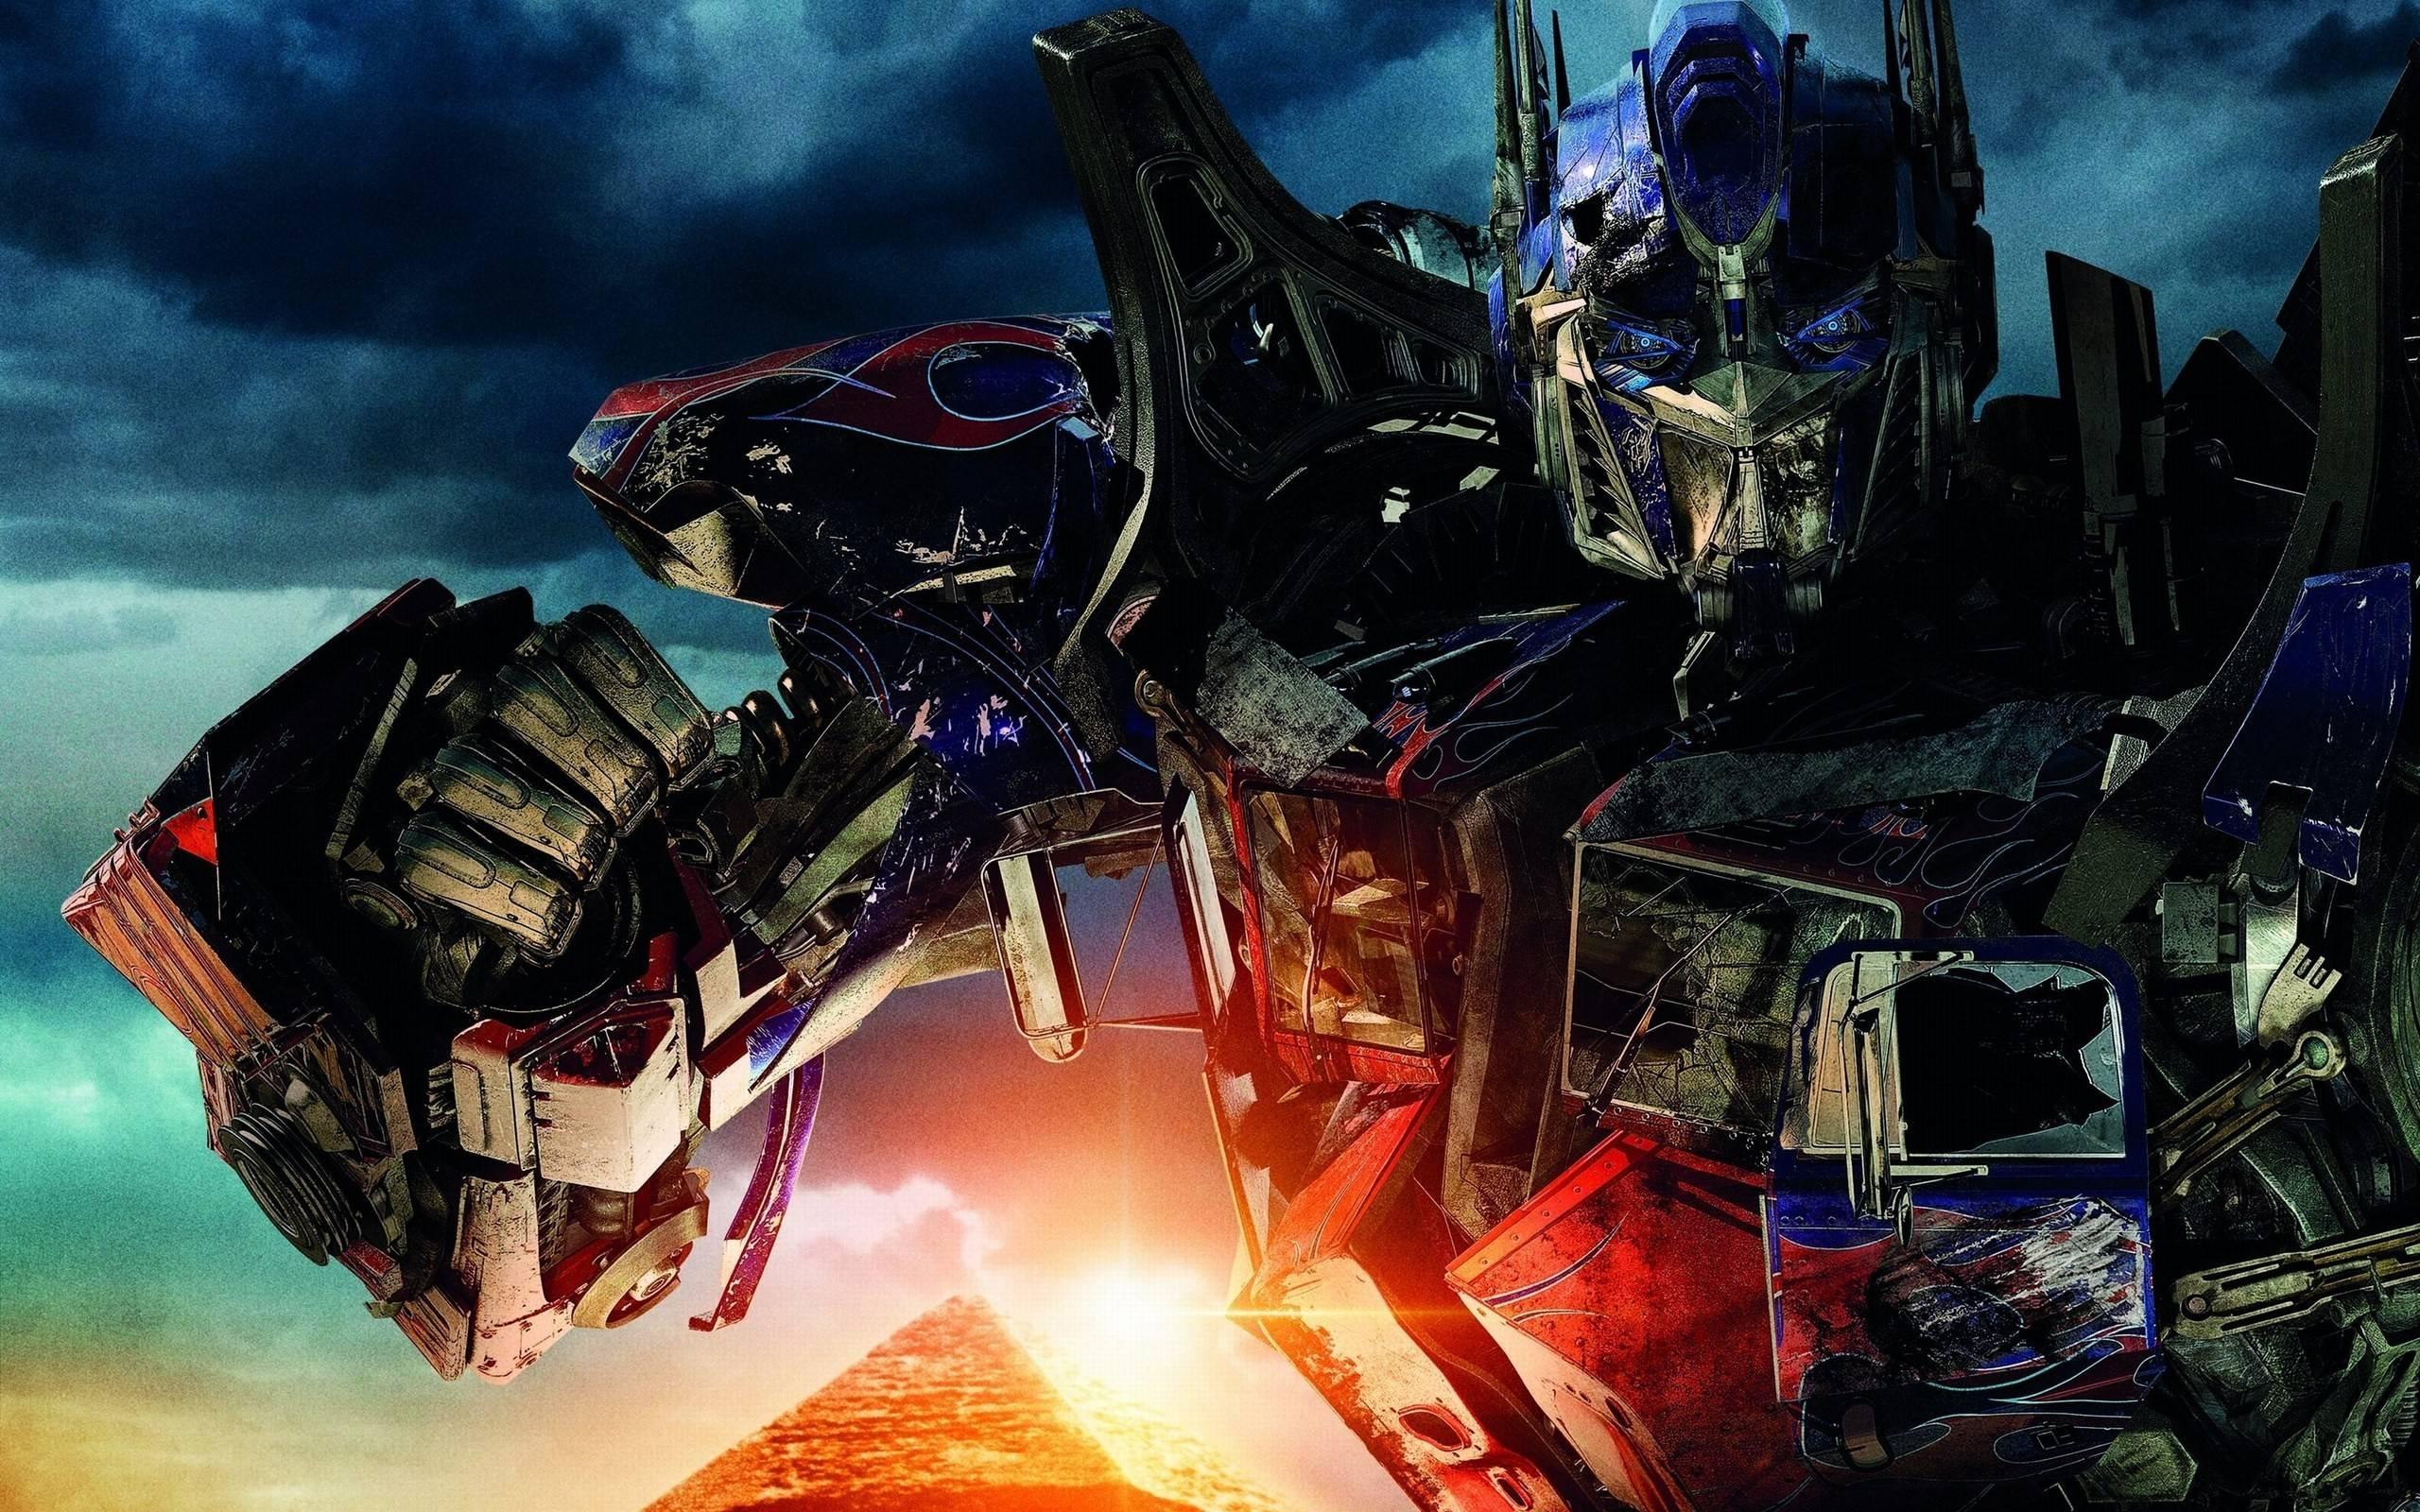 76 ] Transformers Desktop Wallpaper On WallpaperSafari